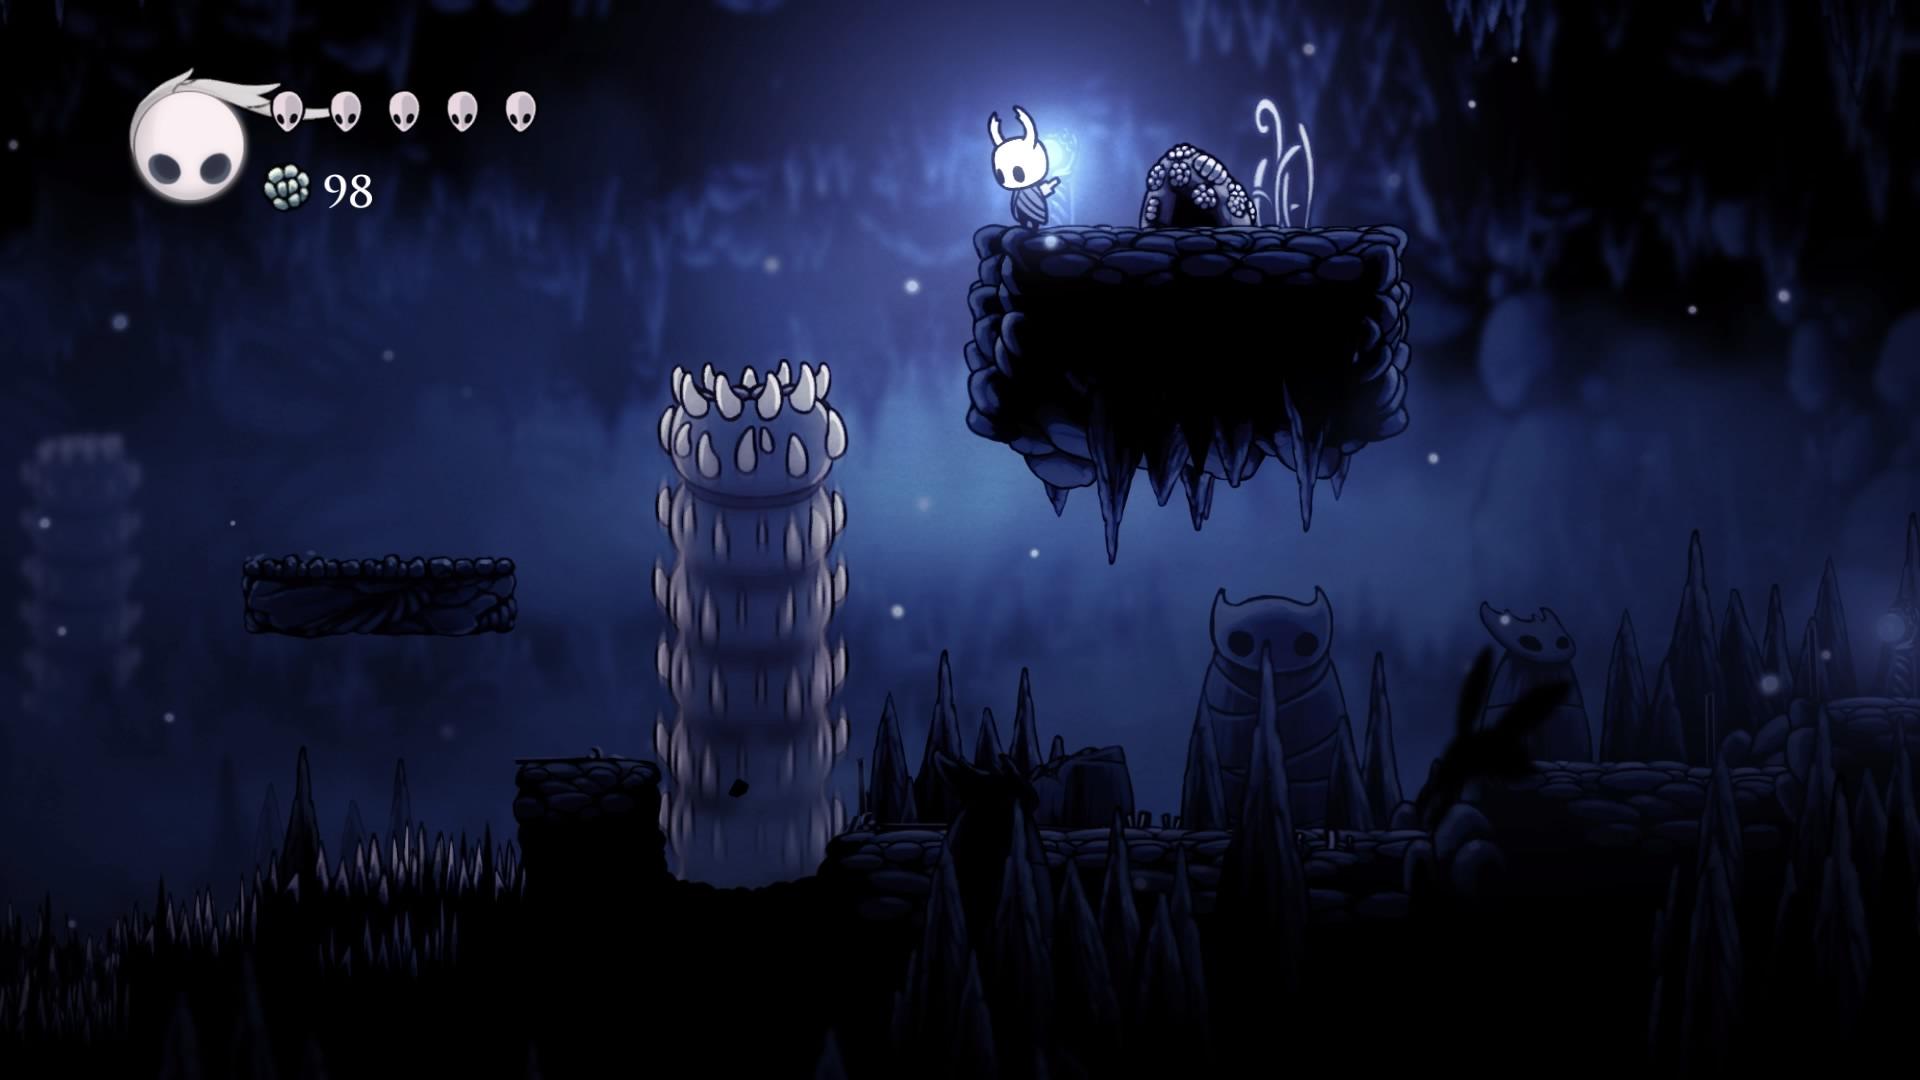 Hollow Knight 20190730154017 - Hollow Knight, guida e lore: Sentieri Dimenticati I